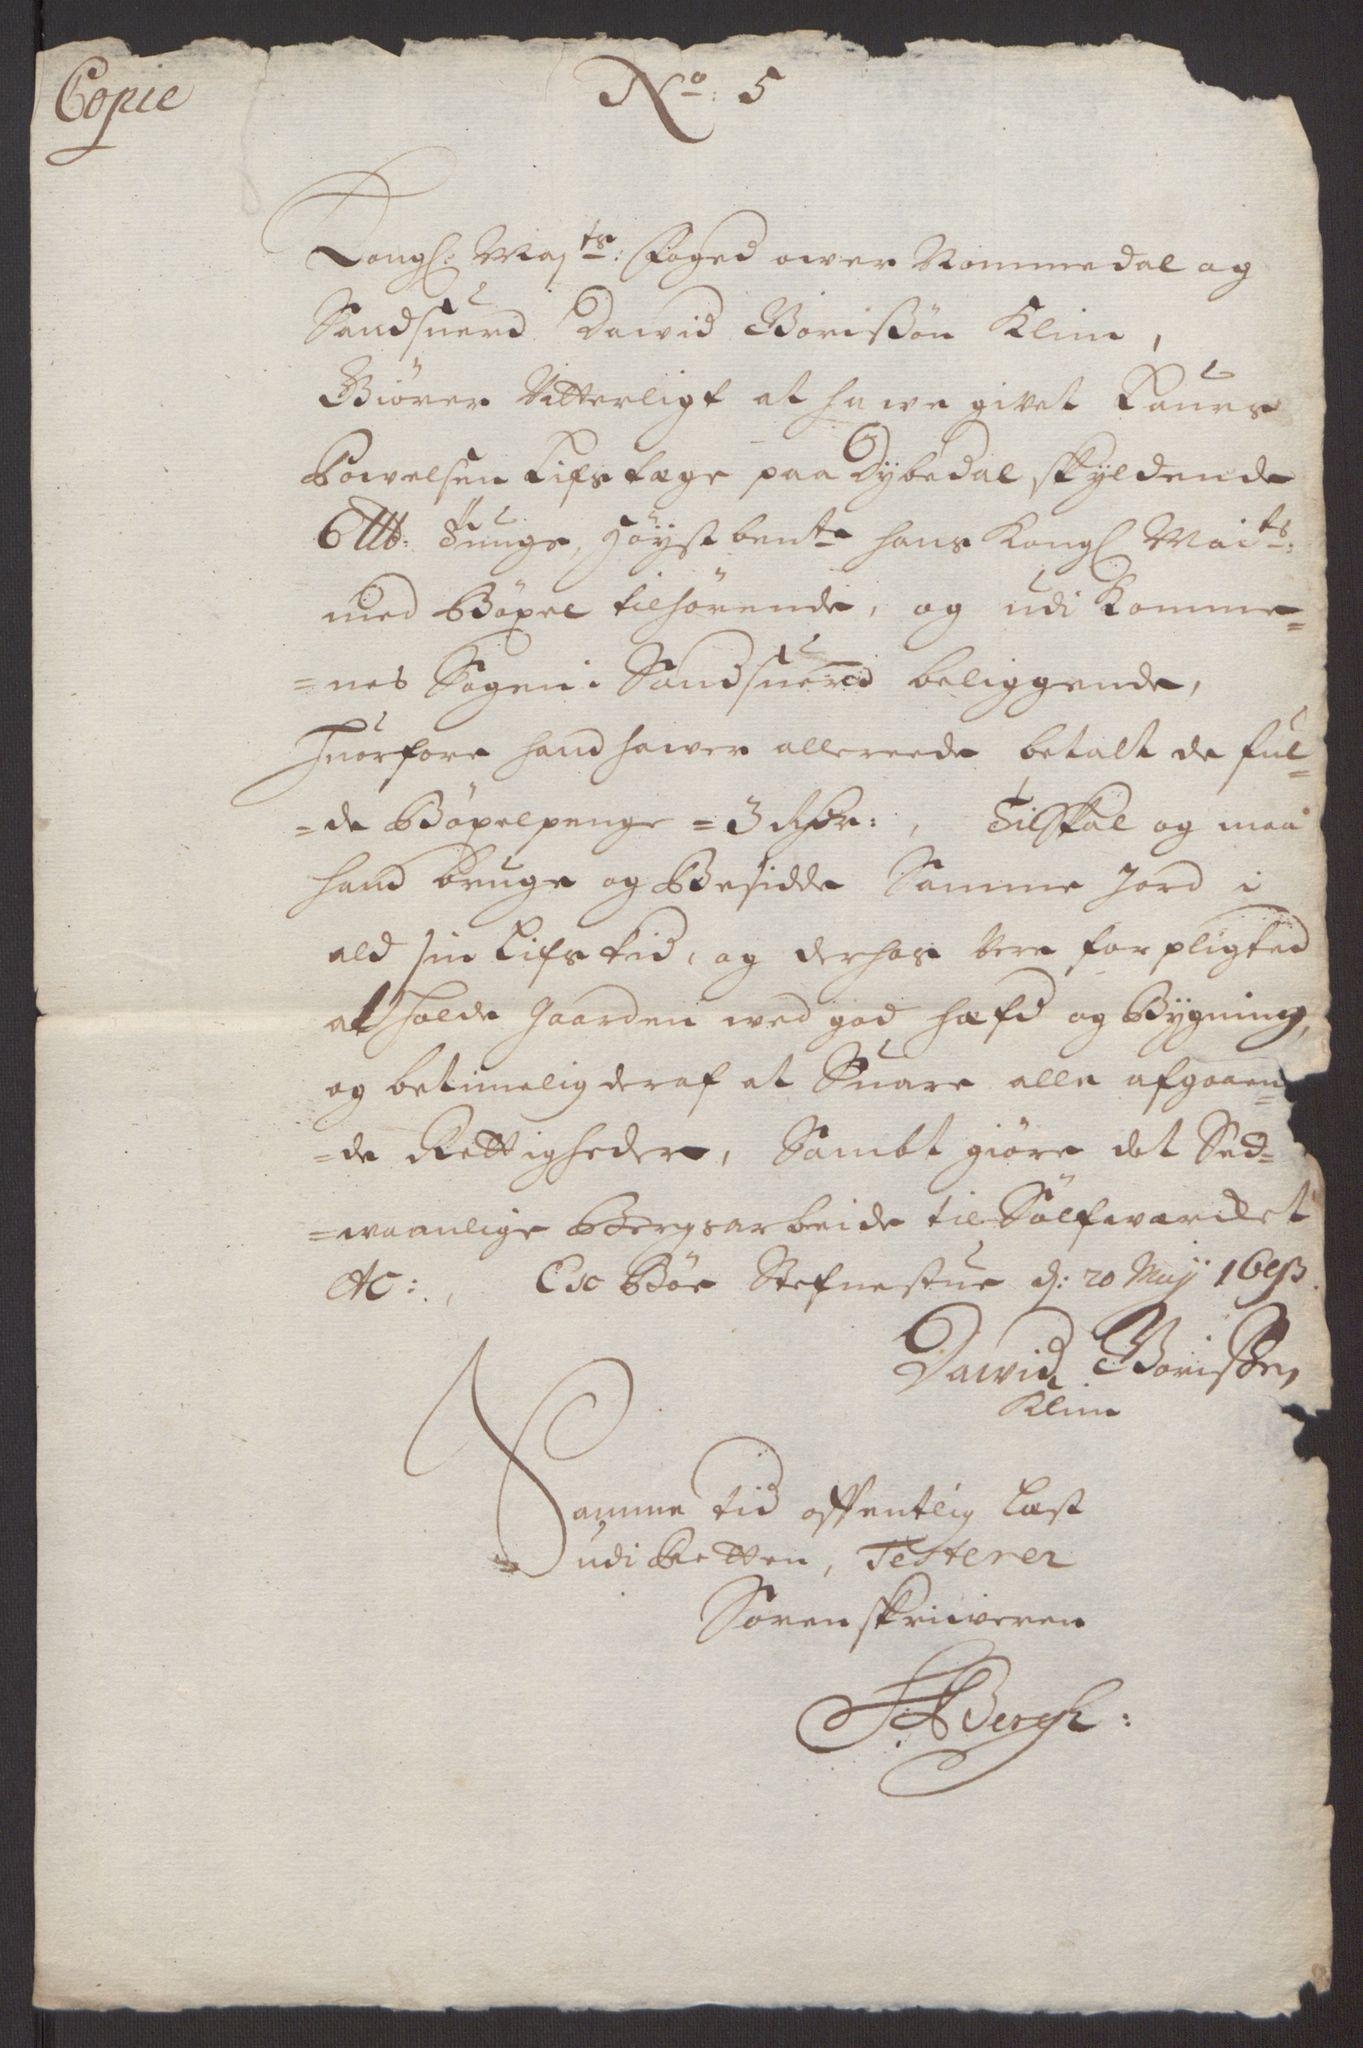 RA, Rentekammeret inntil 1814, Reviderte regnskaper, Fogderegnskap, R24/L1575: Fogderegnskap Numedal og Sandsvær, 1692-1695, s. 144